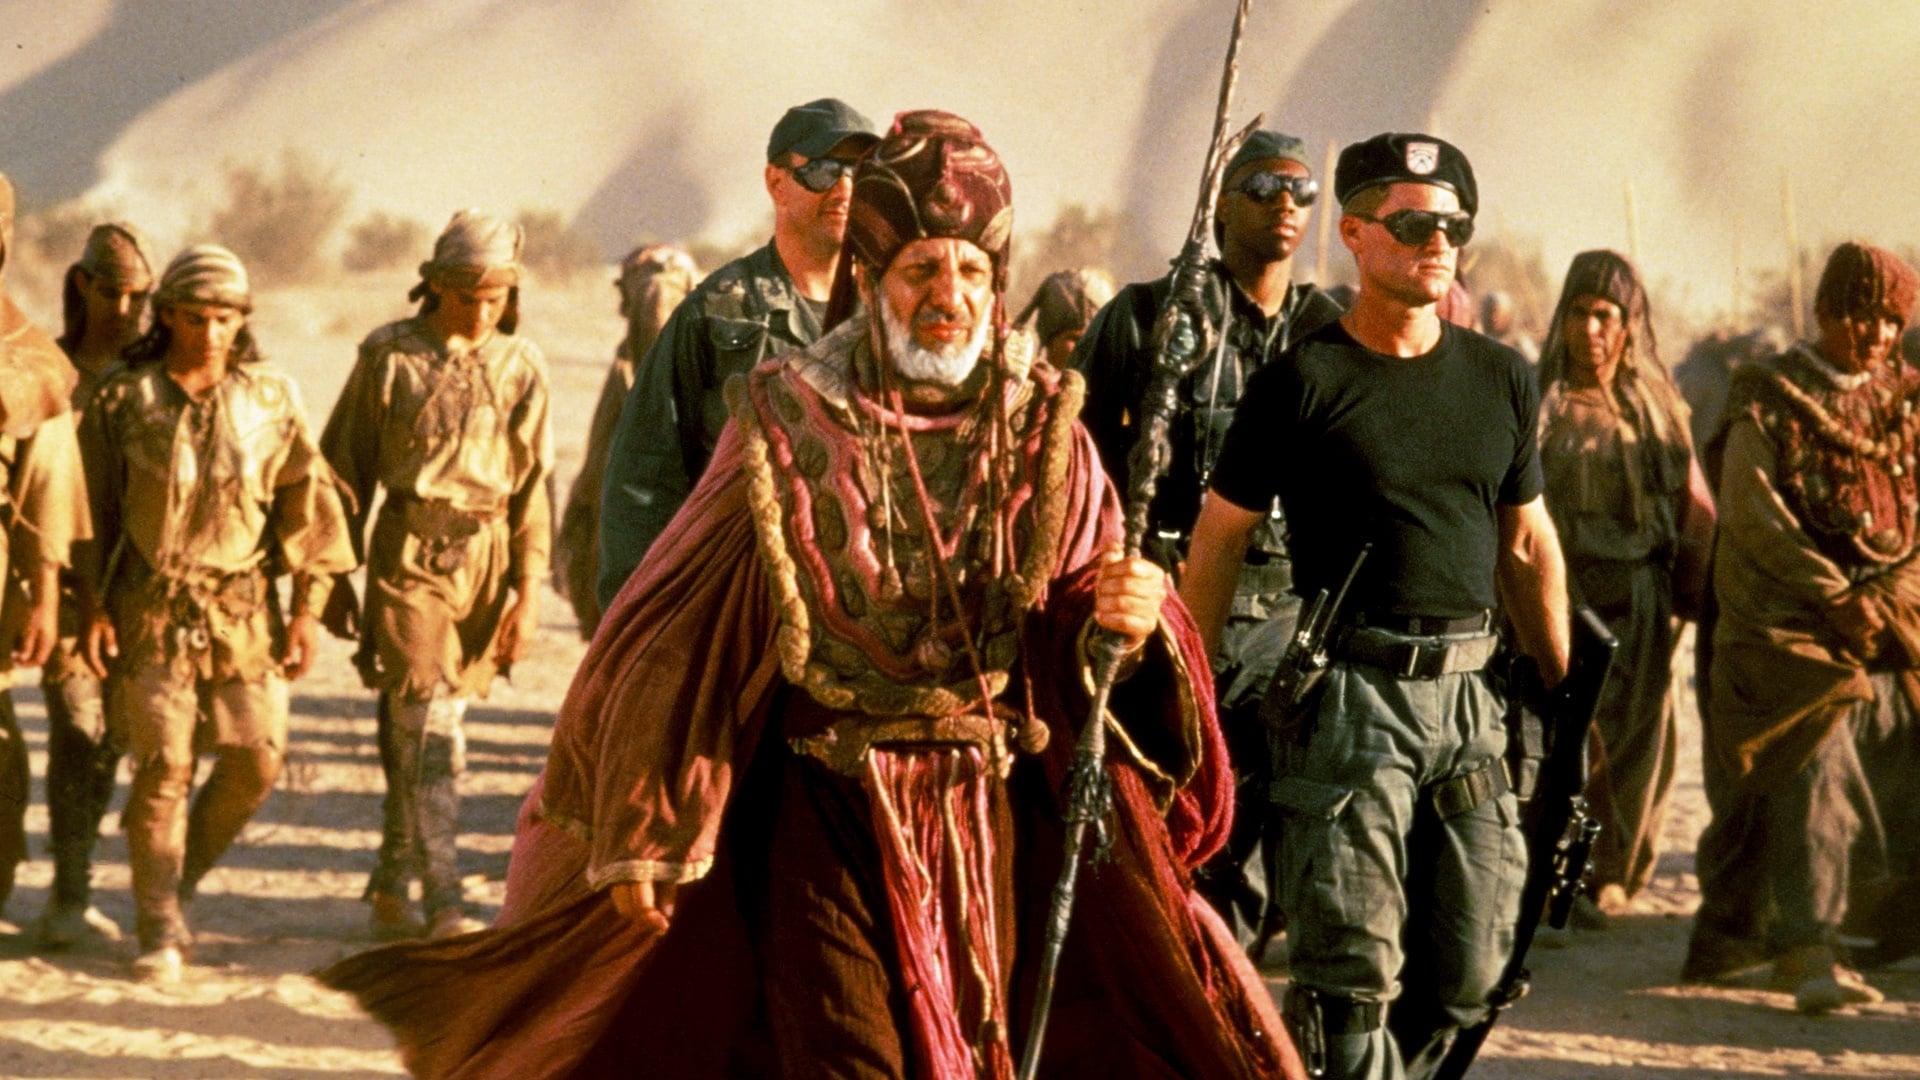 Stargate : La Porte des étoiles (1994)